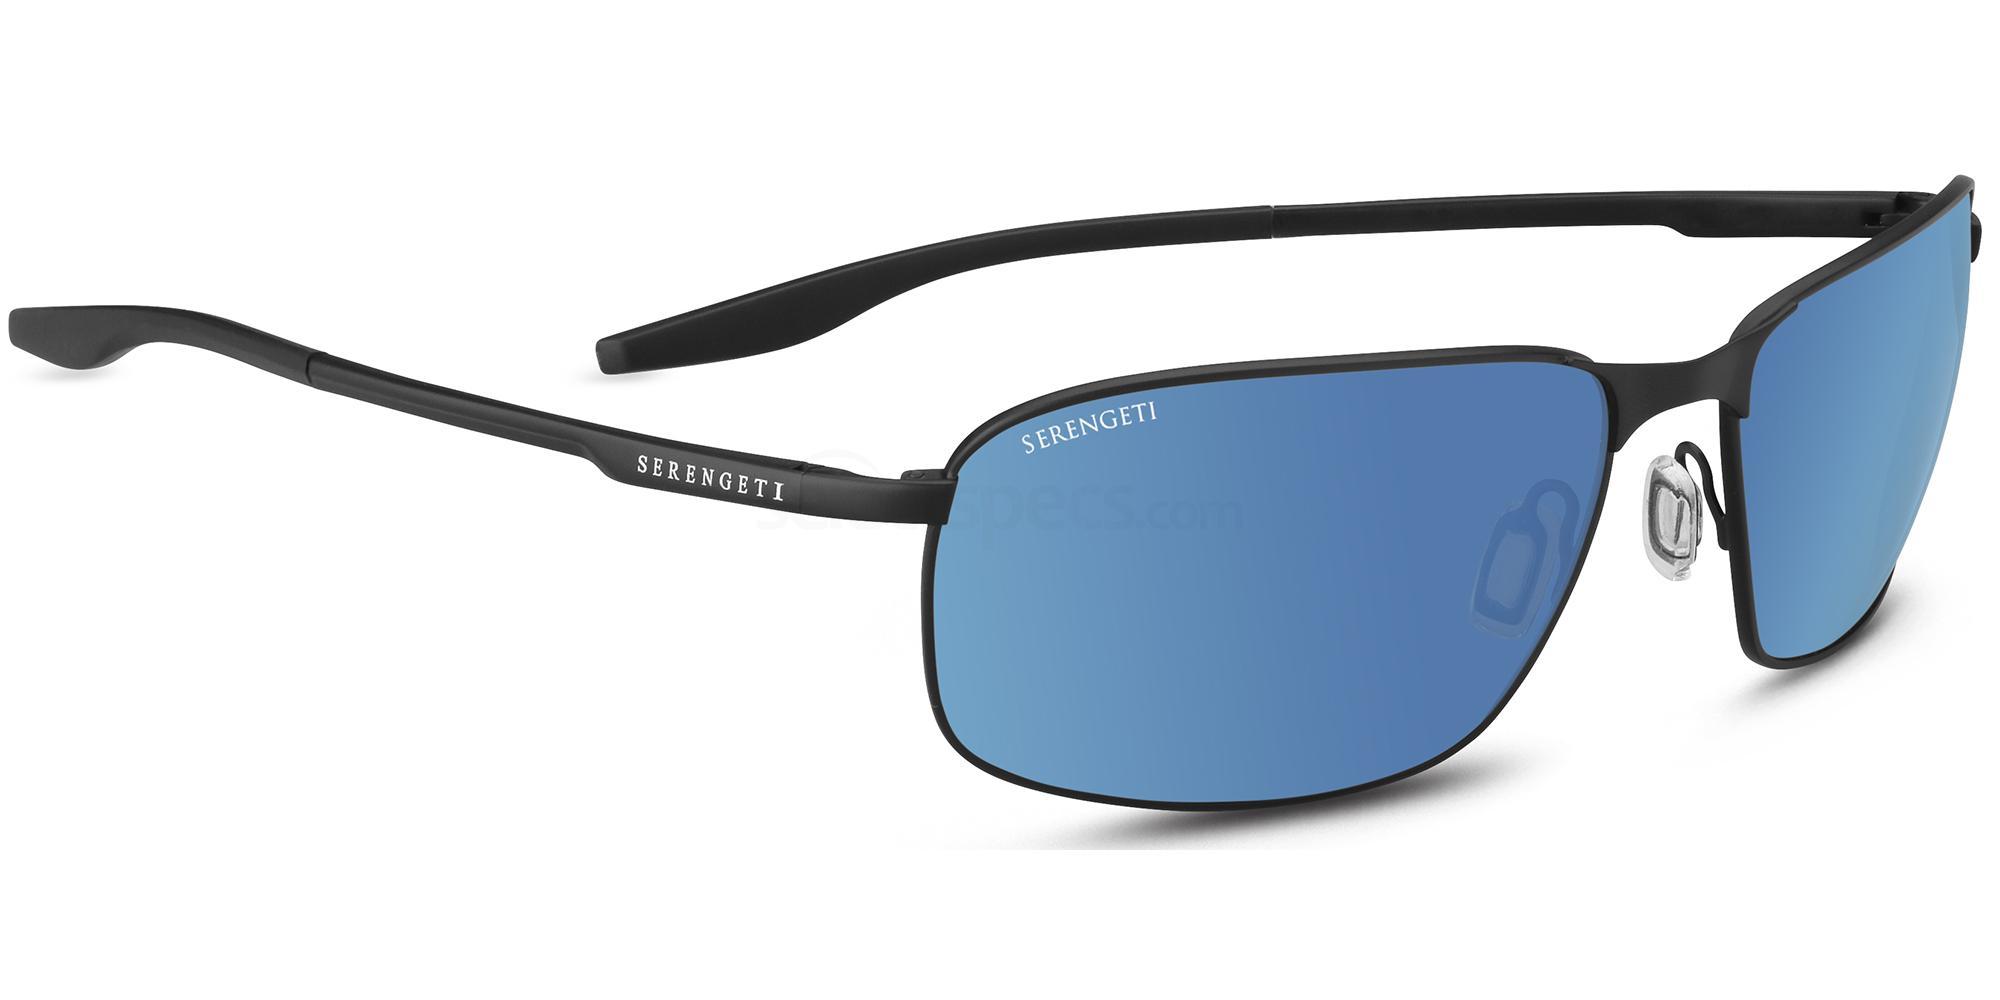 8732 VARESE Sunglasses, Serengeti